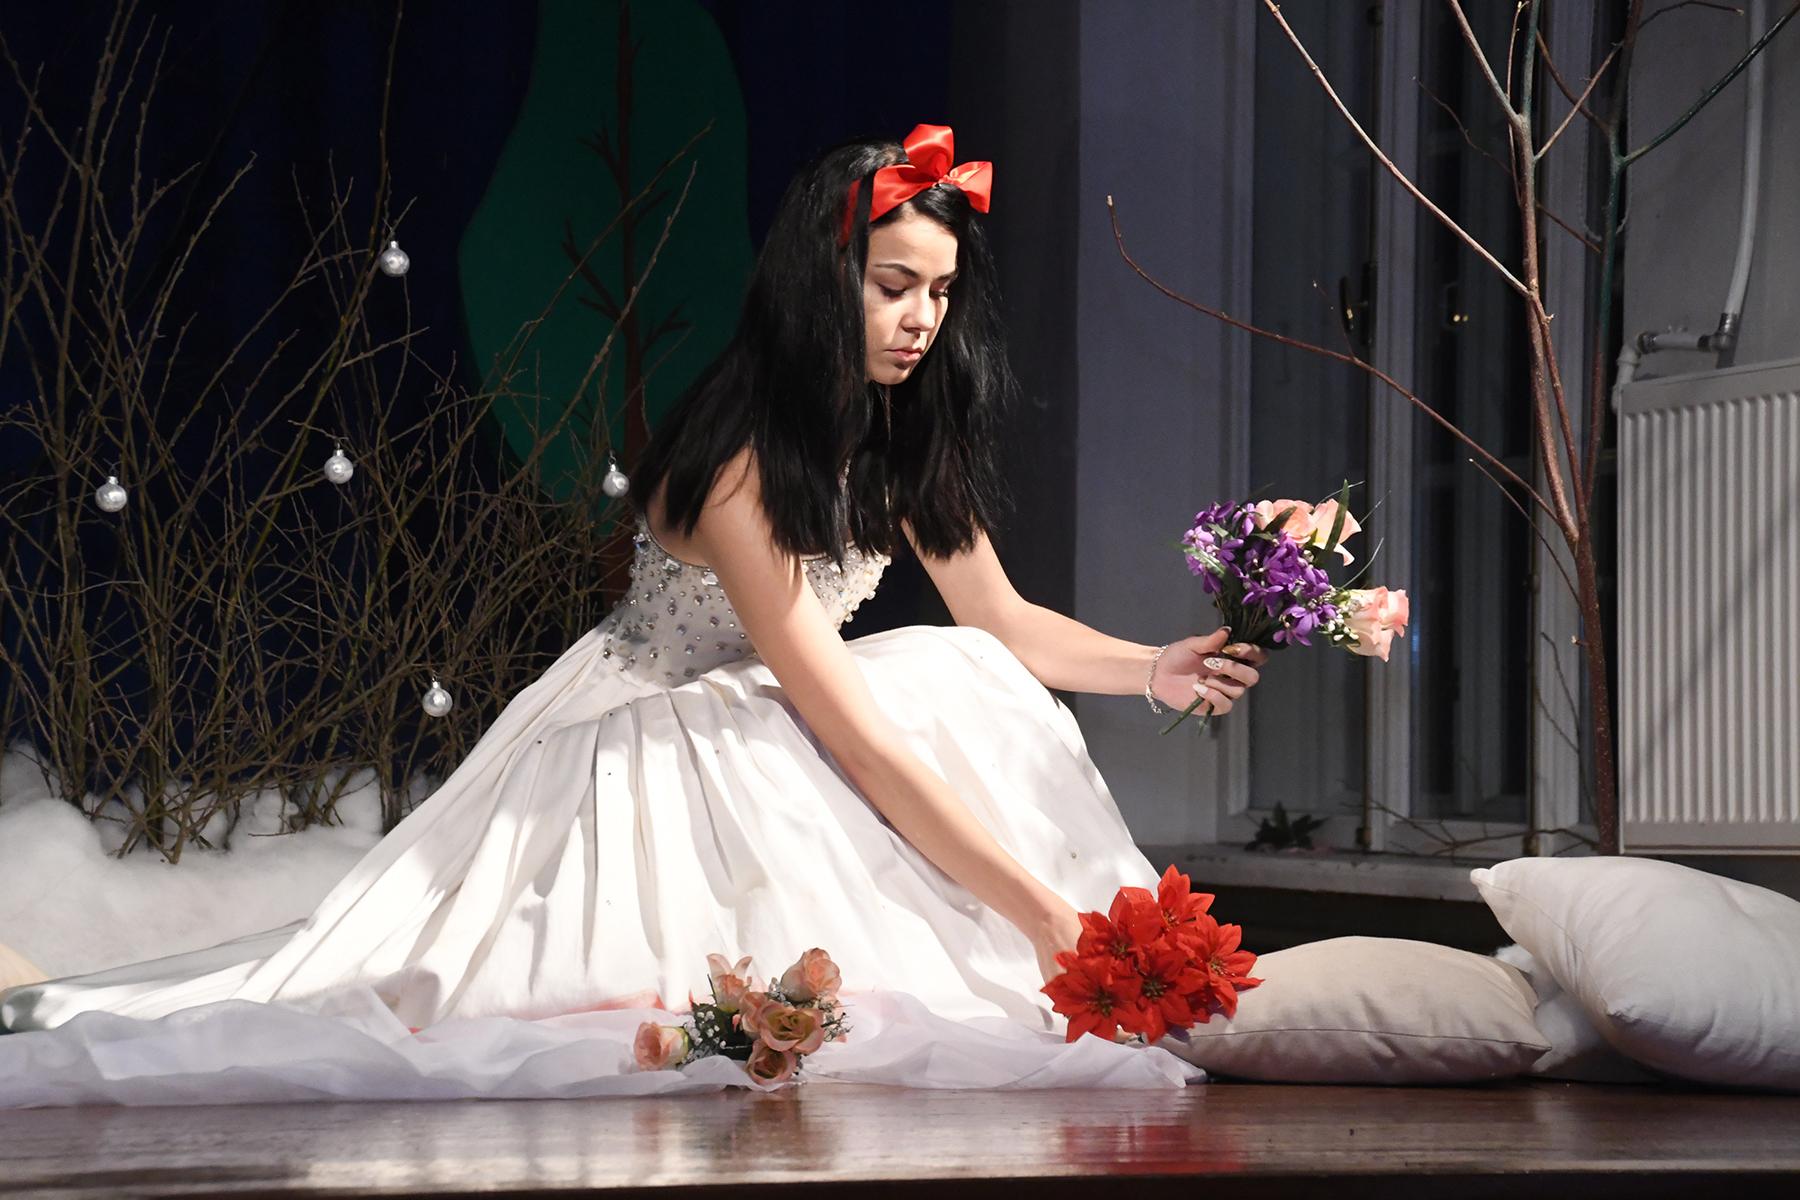 Lumivalgeke - Kristiina Anufrieva, Sindi gümnaasiumi 12. a klassi õpilane. Foto Urmas Saard